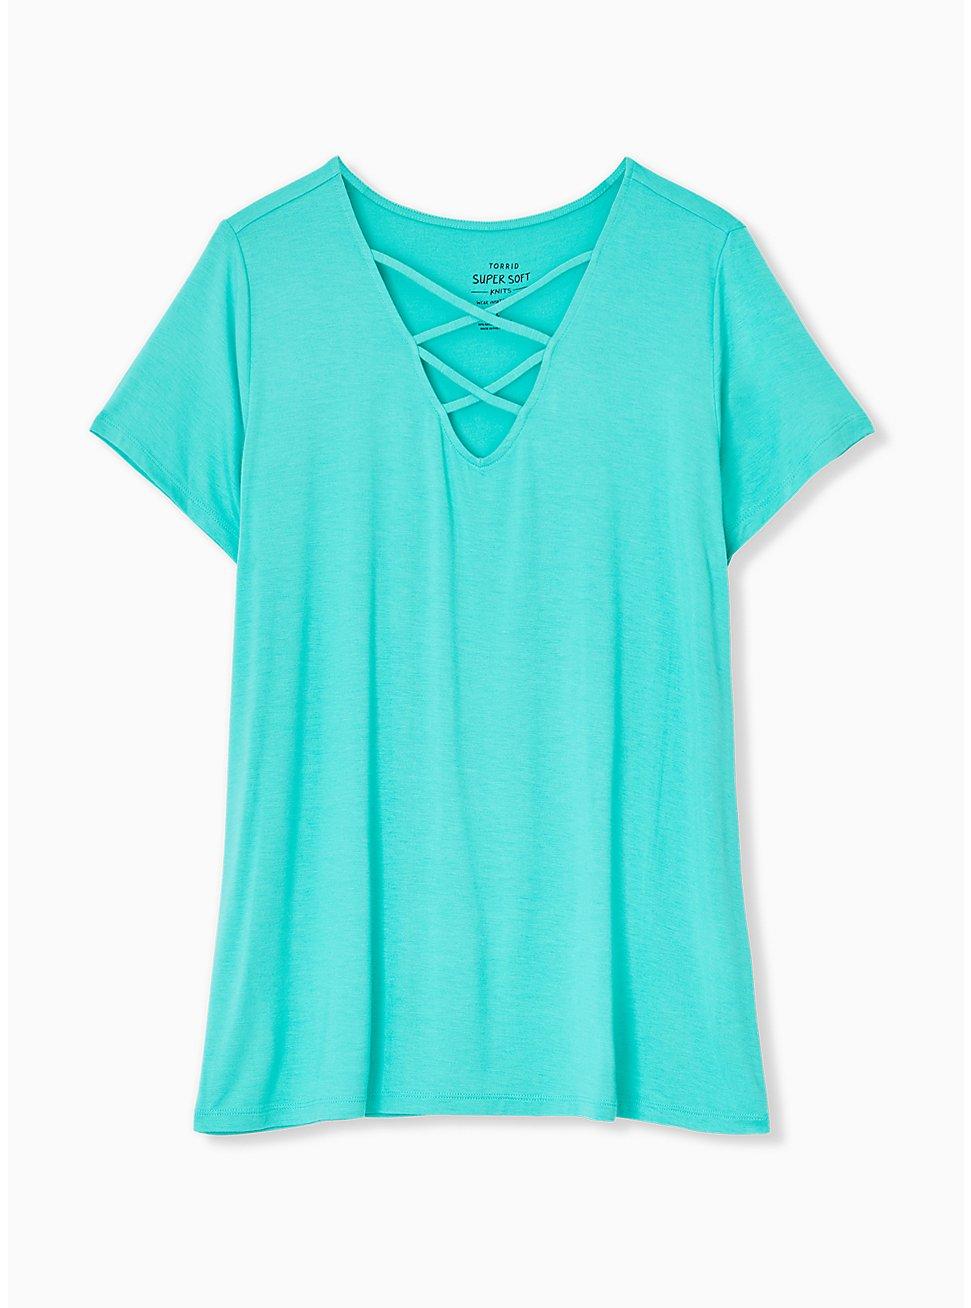 Plus Size Super Soft Turquoise Lattice V-Neck Tee, , hi-res